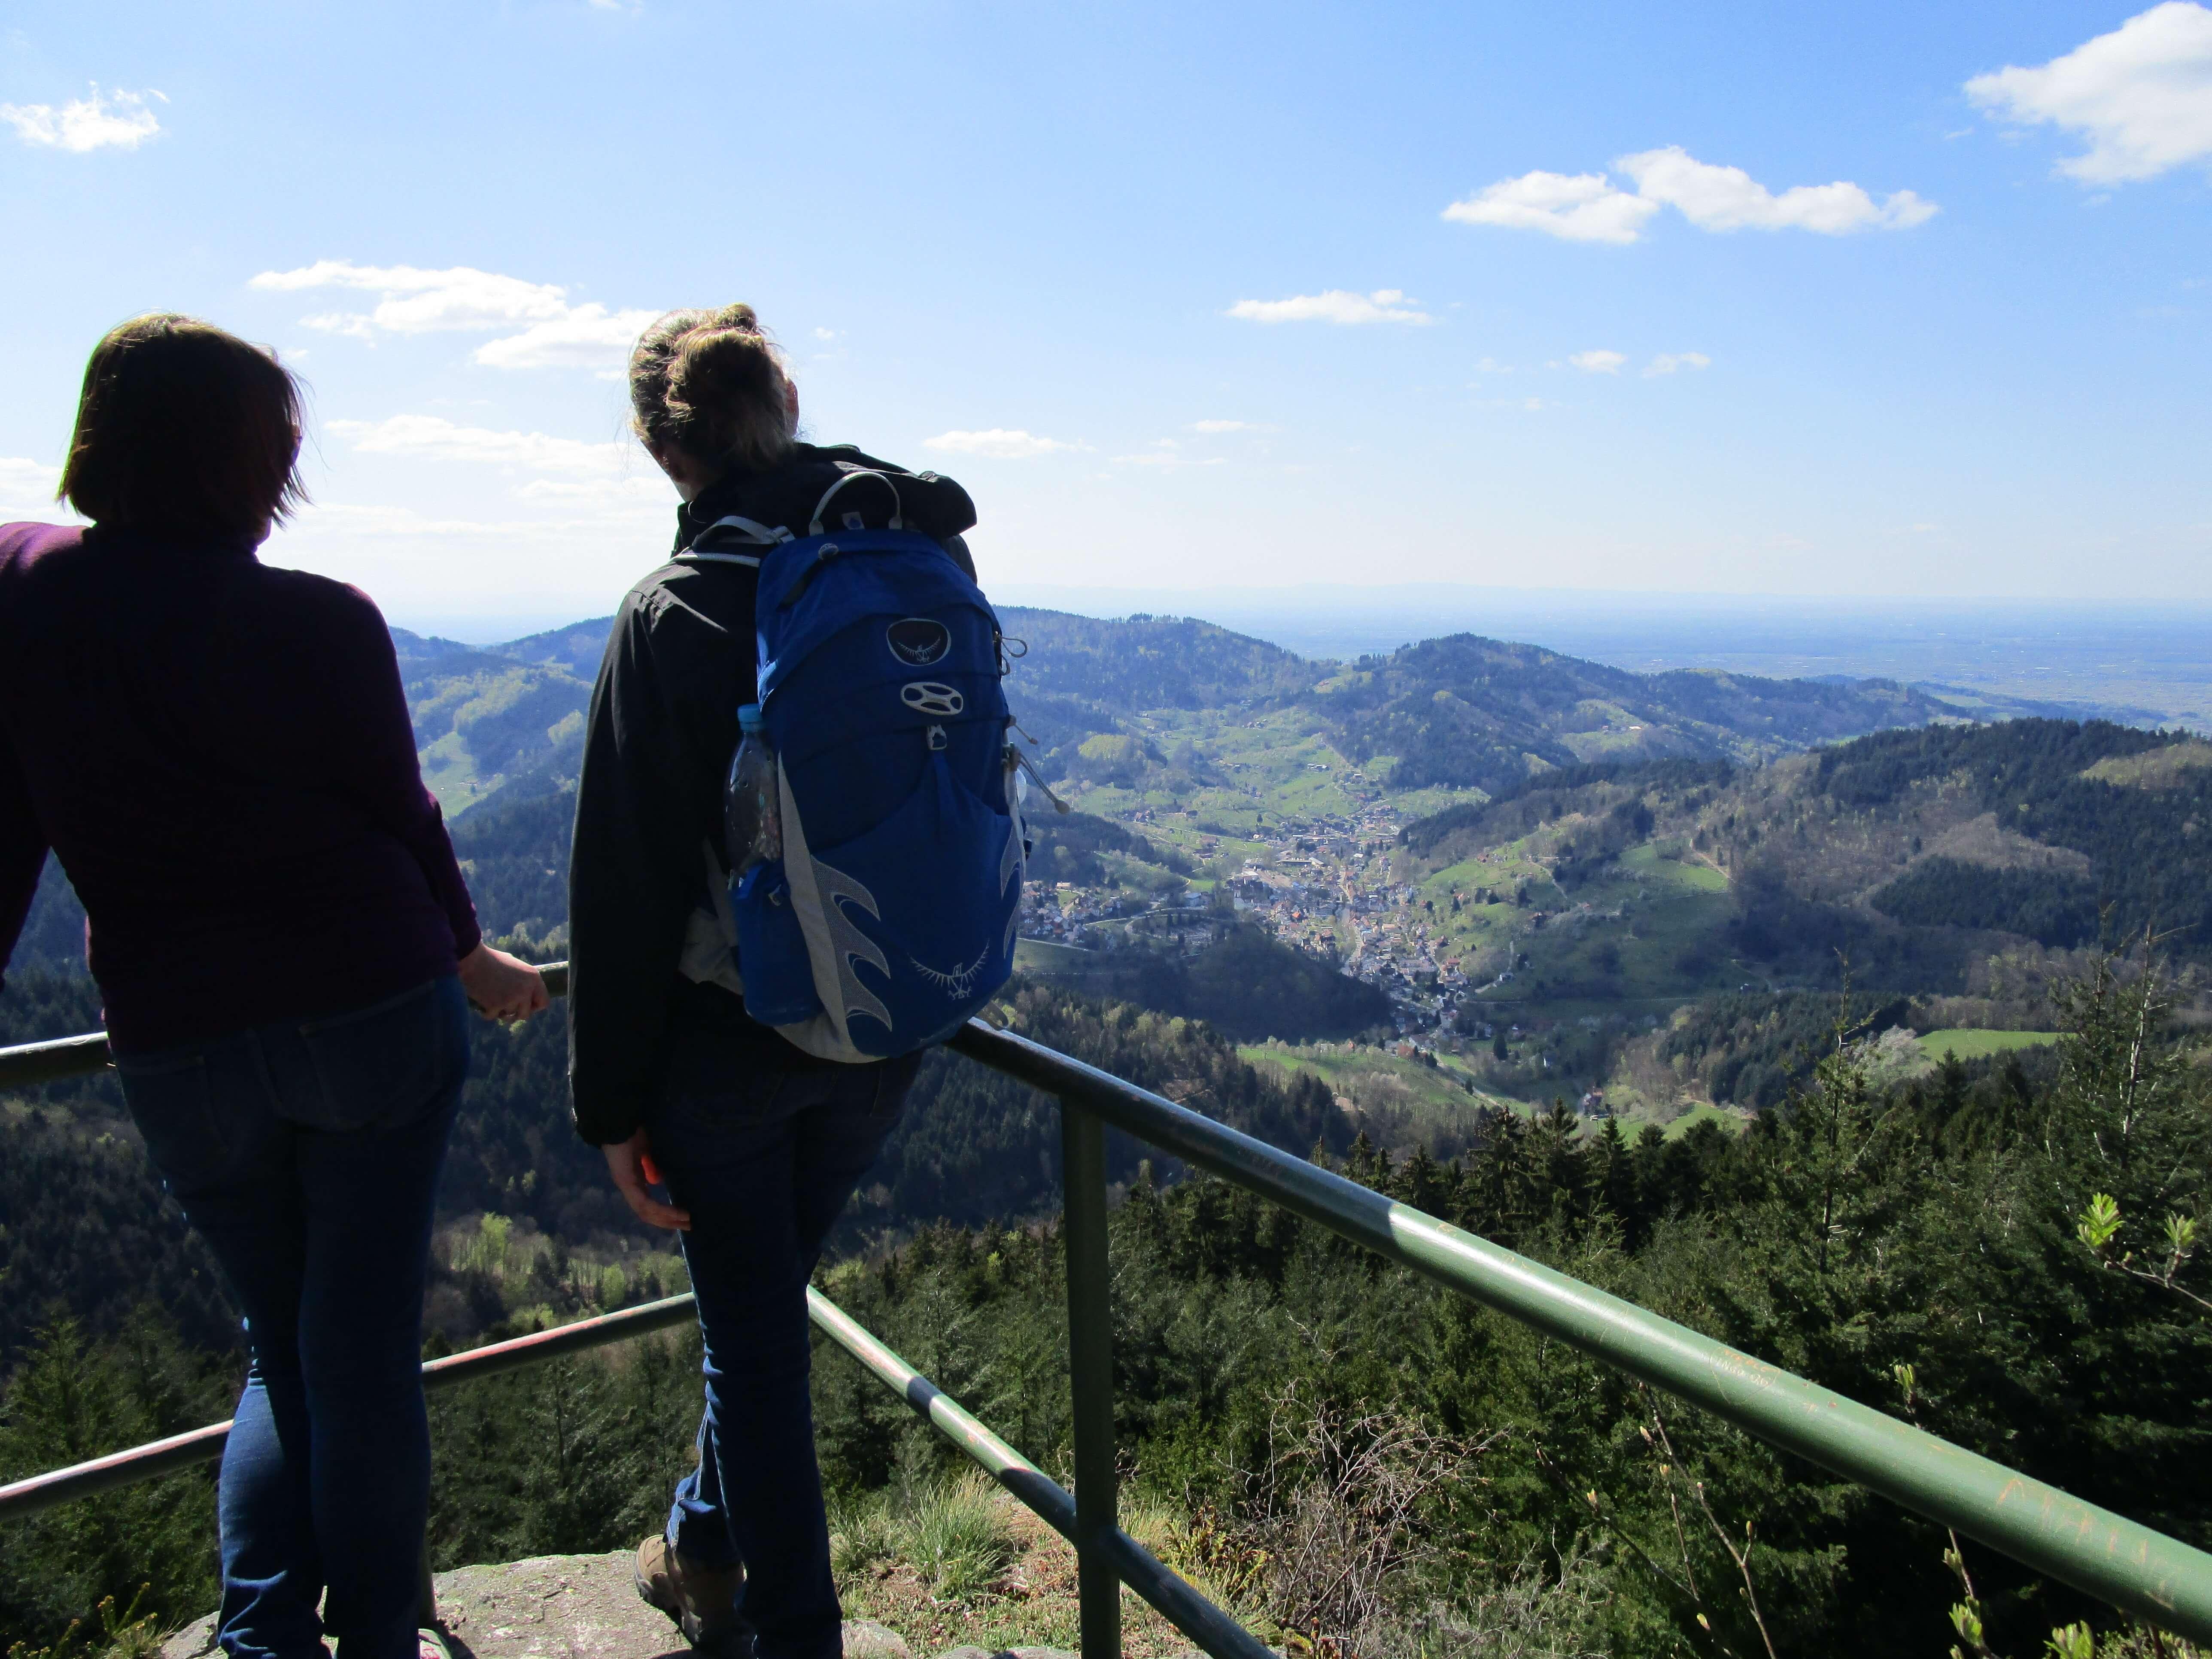 Ausblick, Landschaft, Berge, Tal, Wanderer